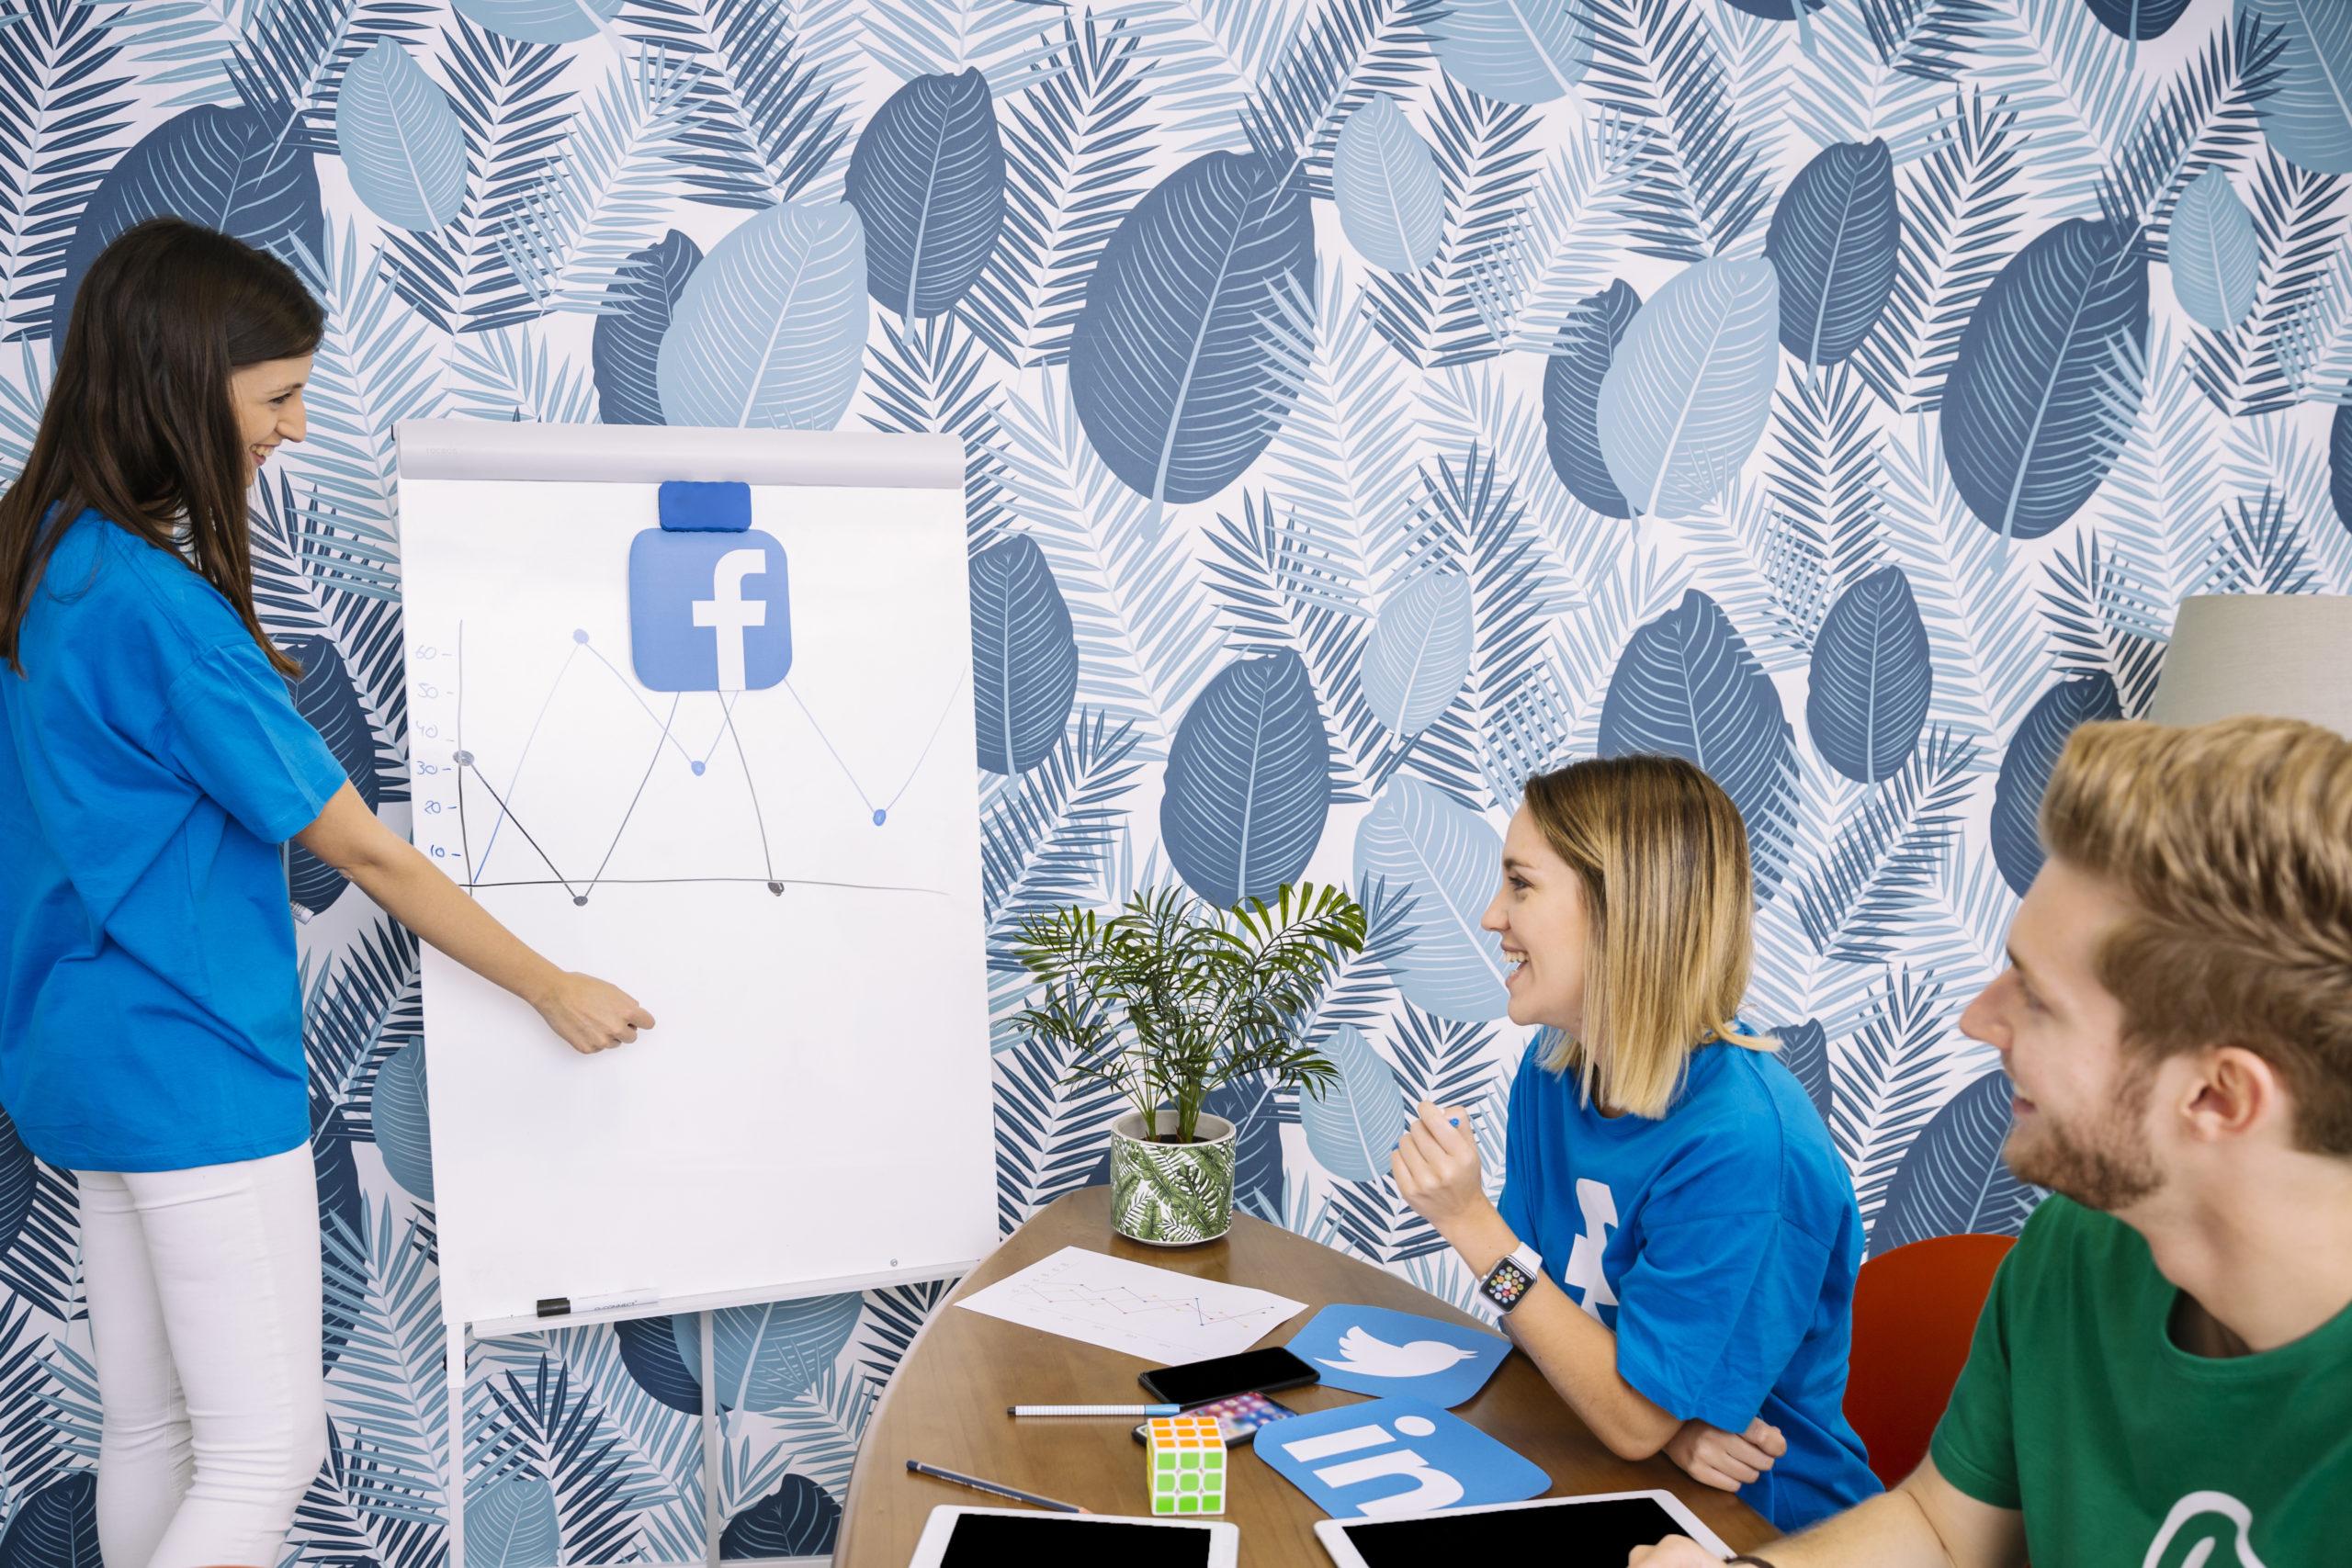 פרסום בפייסבוק פרסום בפייסבוק פרסום בפייסבוק – איך לעניין את קהל היעד? 343532 PACYNI 599 scaled